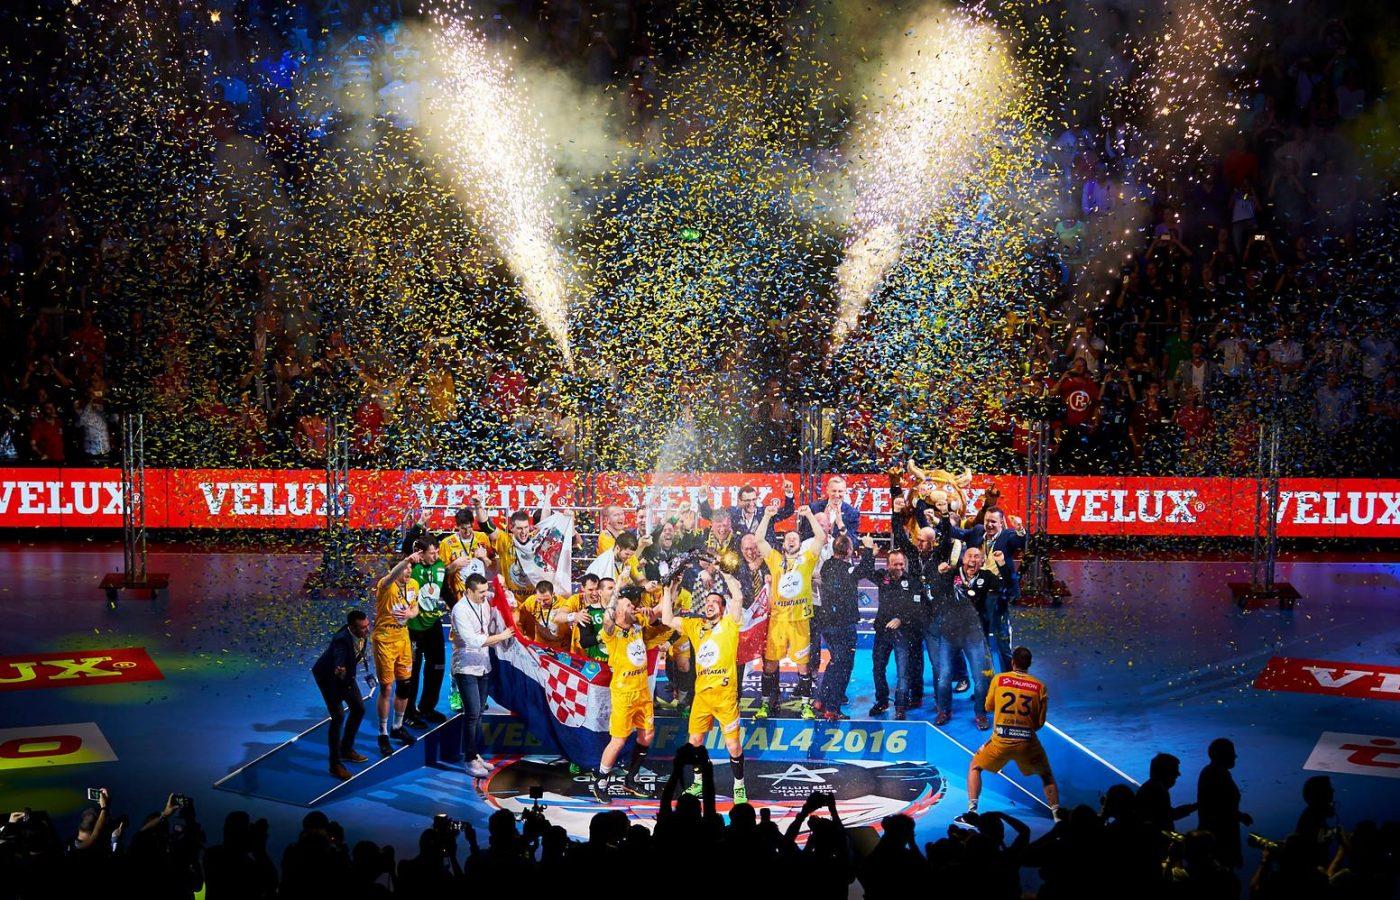 FOTO: EHF / Axel Heimken